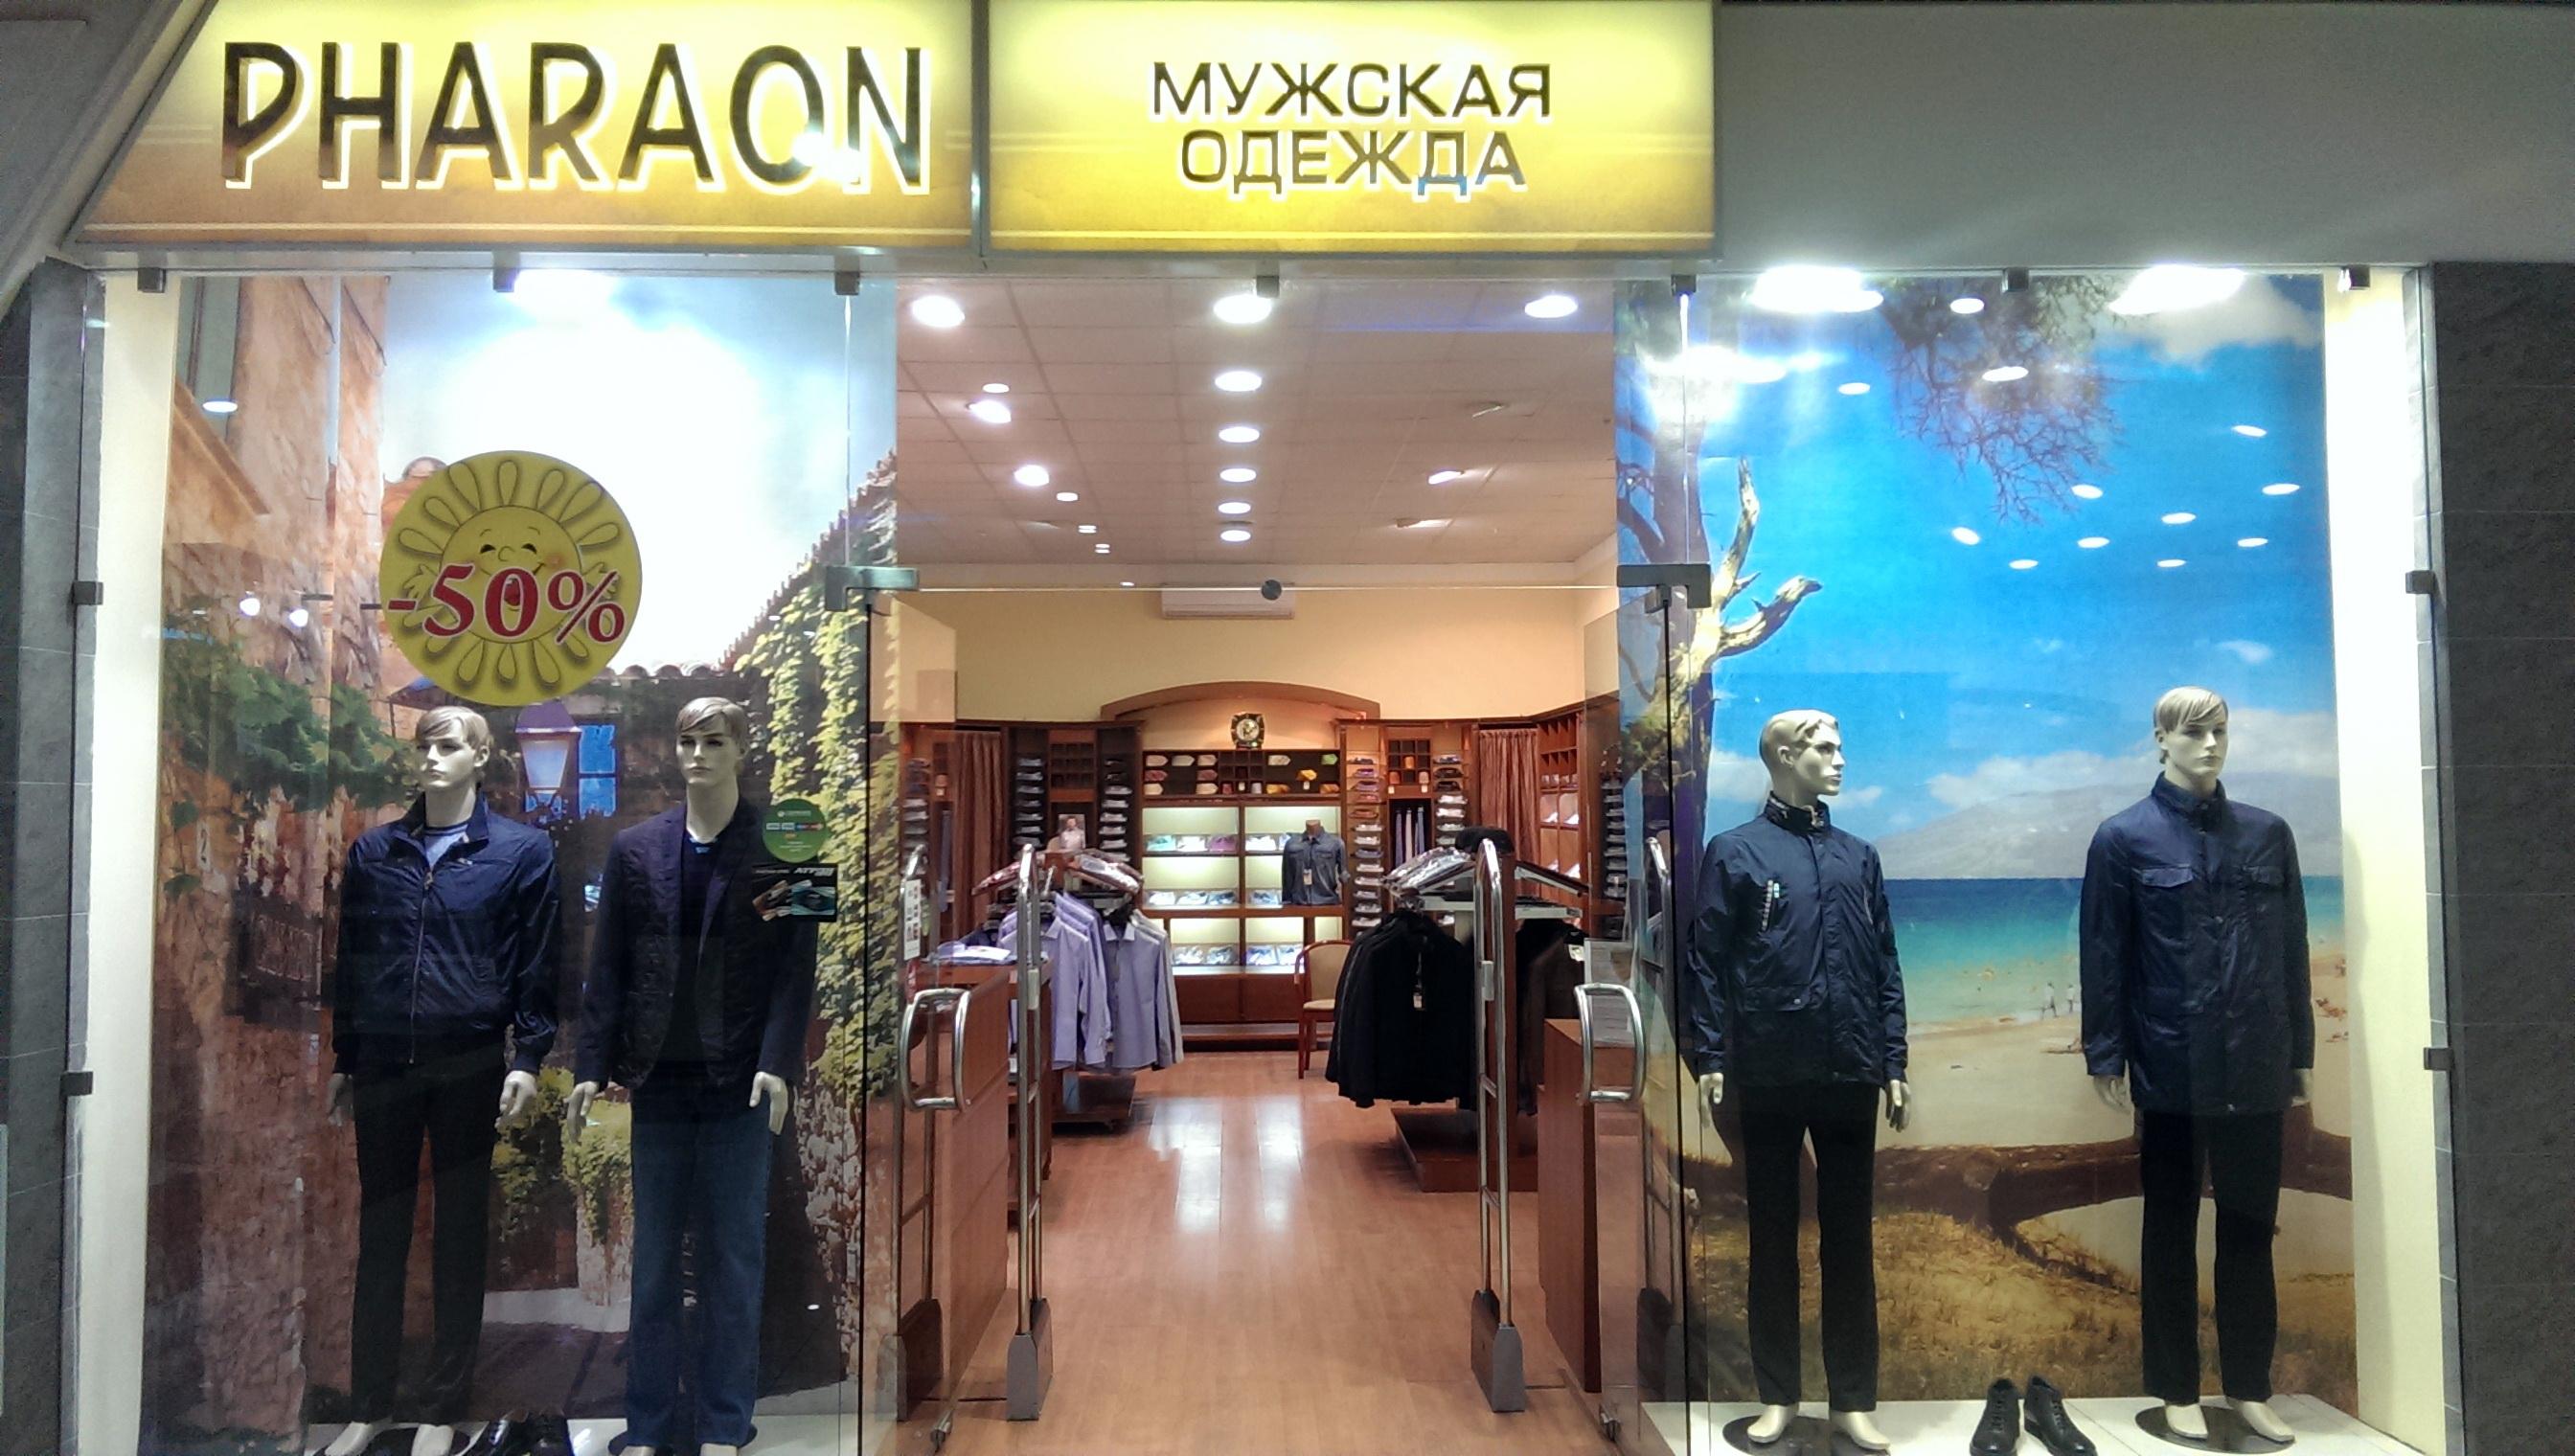 b1c4c740f68a Магазин «Pharaon» предлагает широкий выбор мужской одежды для успешных  людей. Здесь можно найти изделия на все случаи жизни. Большой выбор  рубашек, сорочек, ...